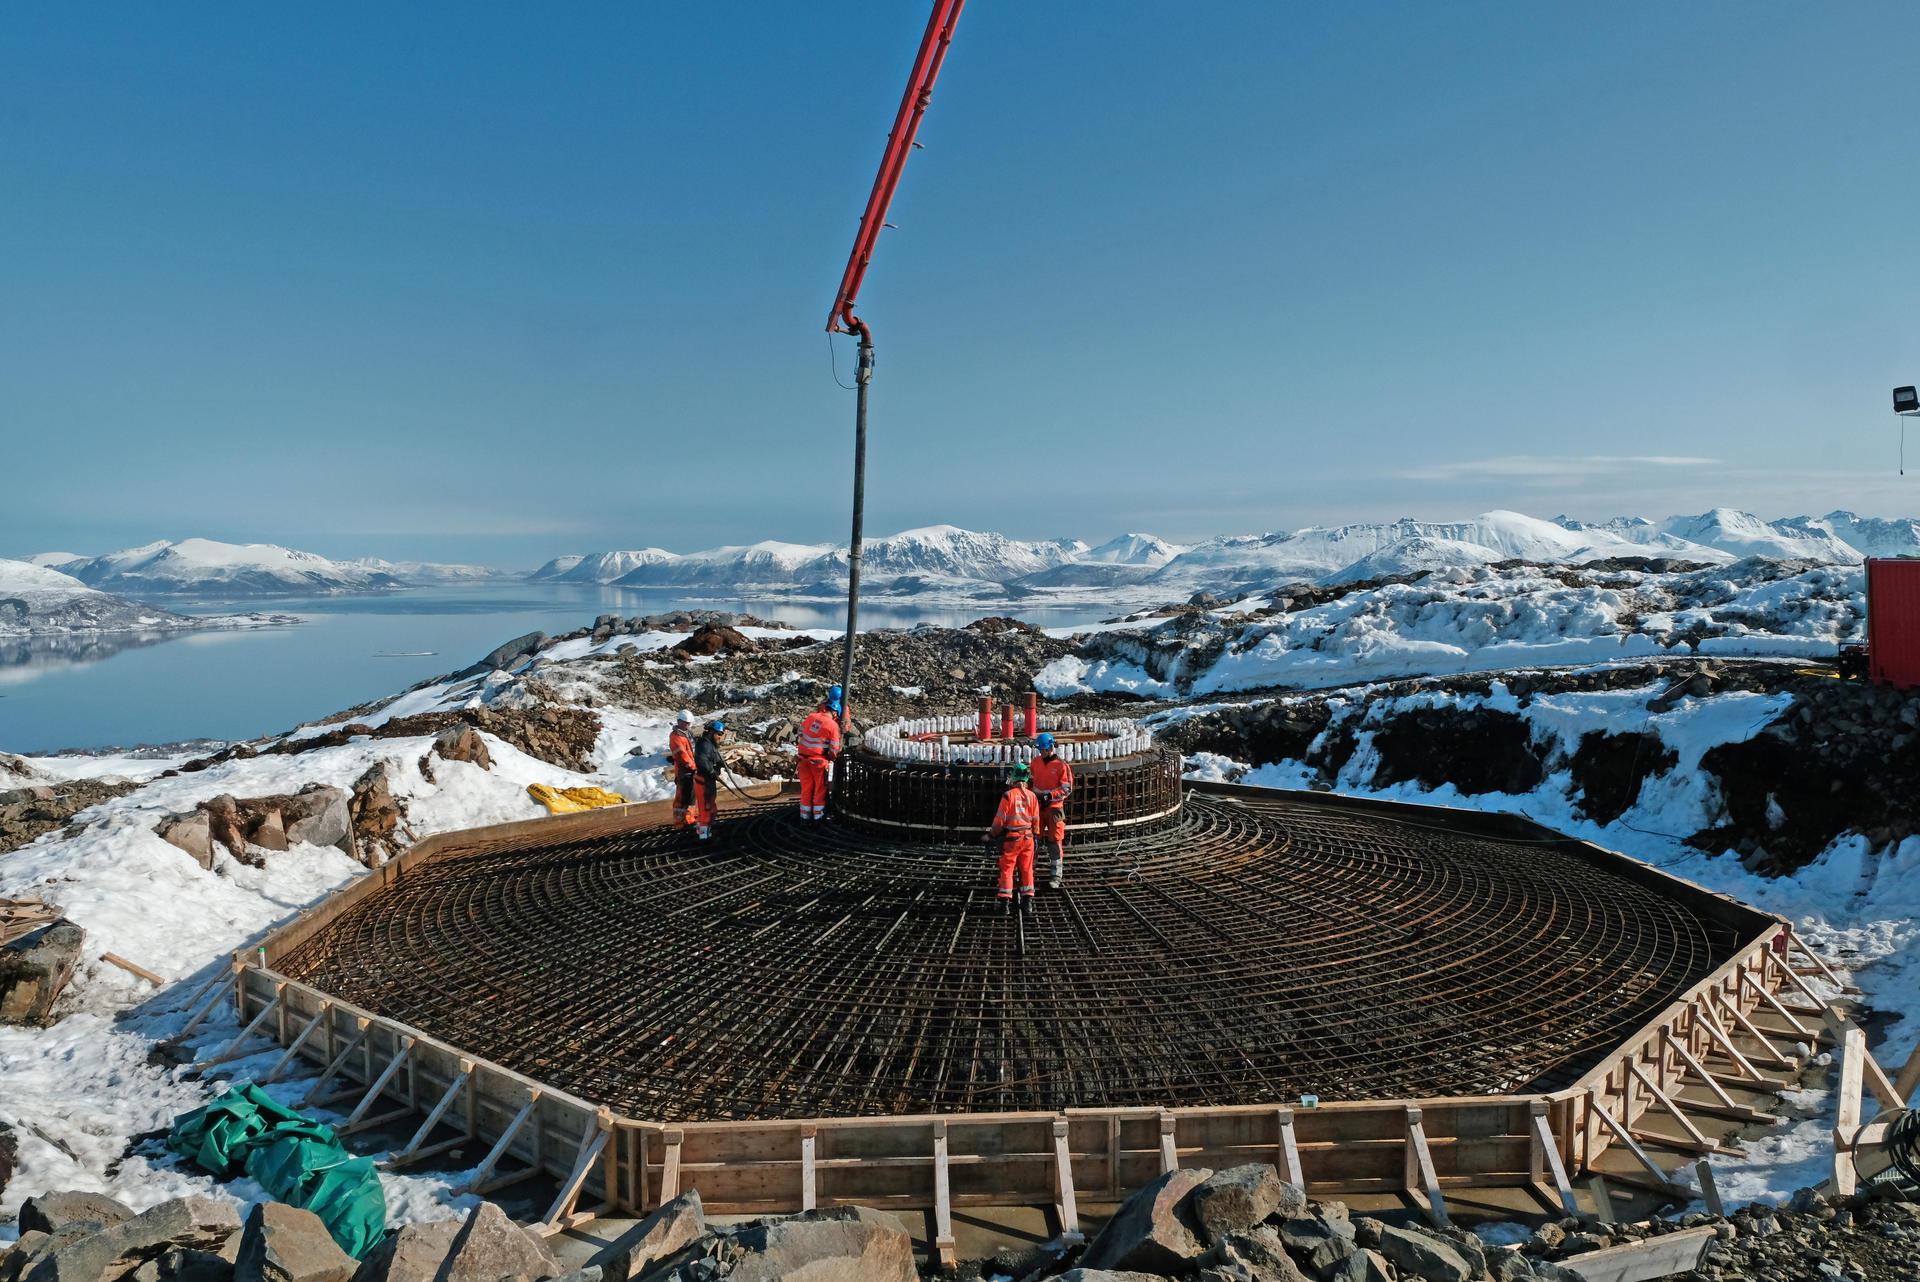 Betongarbeider under støping av vindmøllefundament på Ånstadblåheia, Sortland